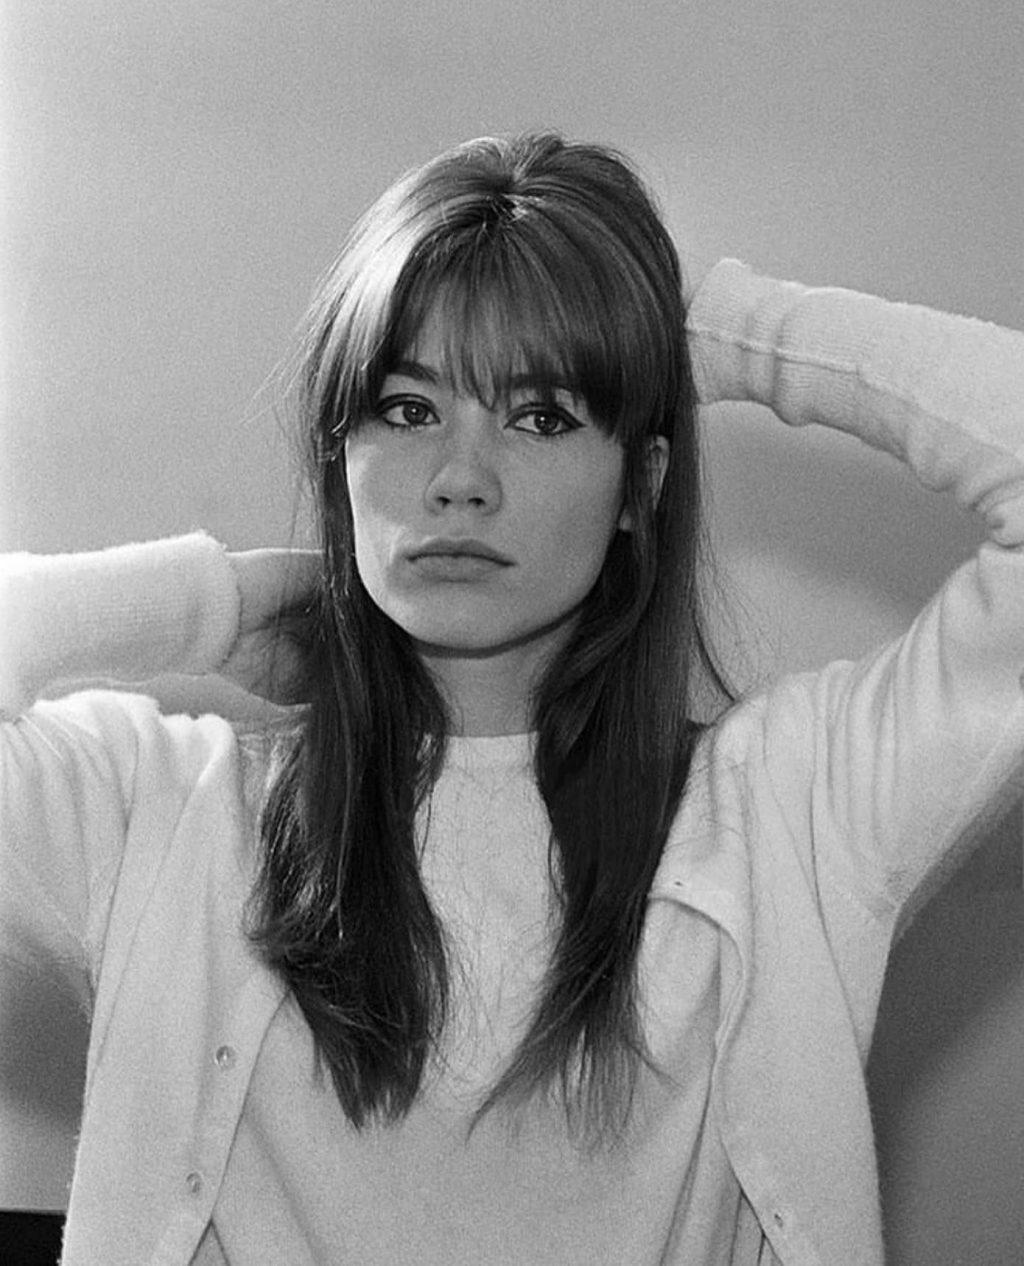 Francois Hardy - kiểu tóc mái những năm 60